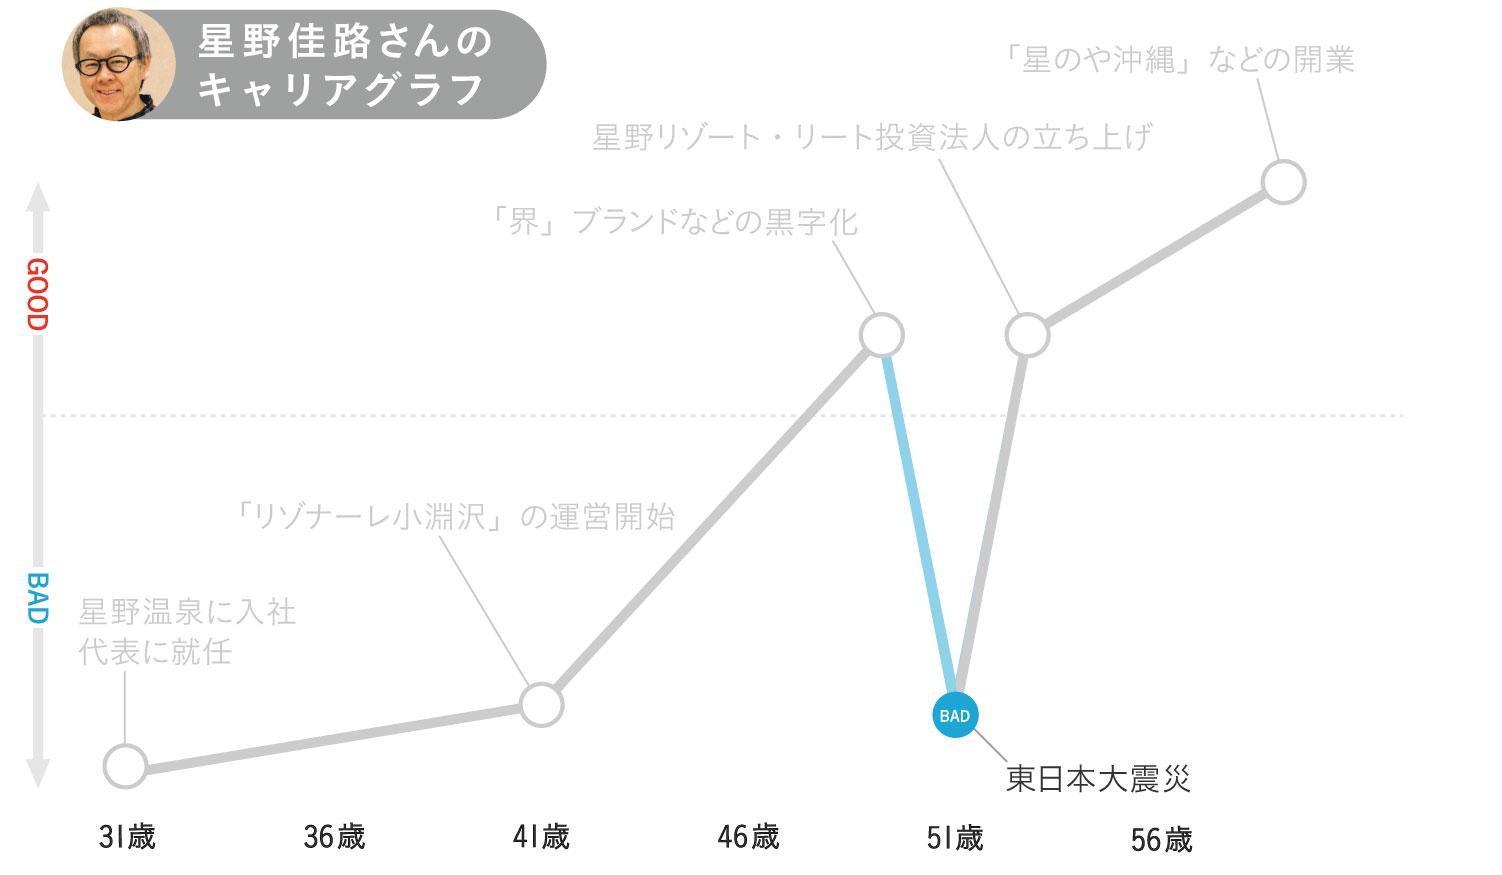 星野佳路さんのキャリアグラフ4